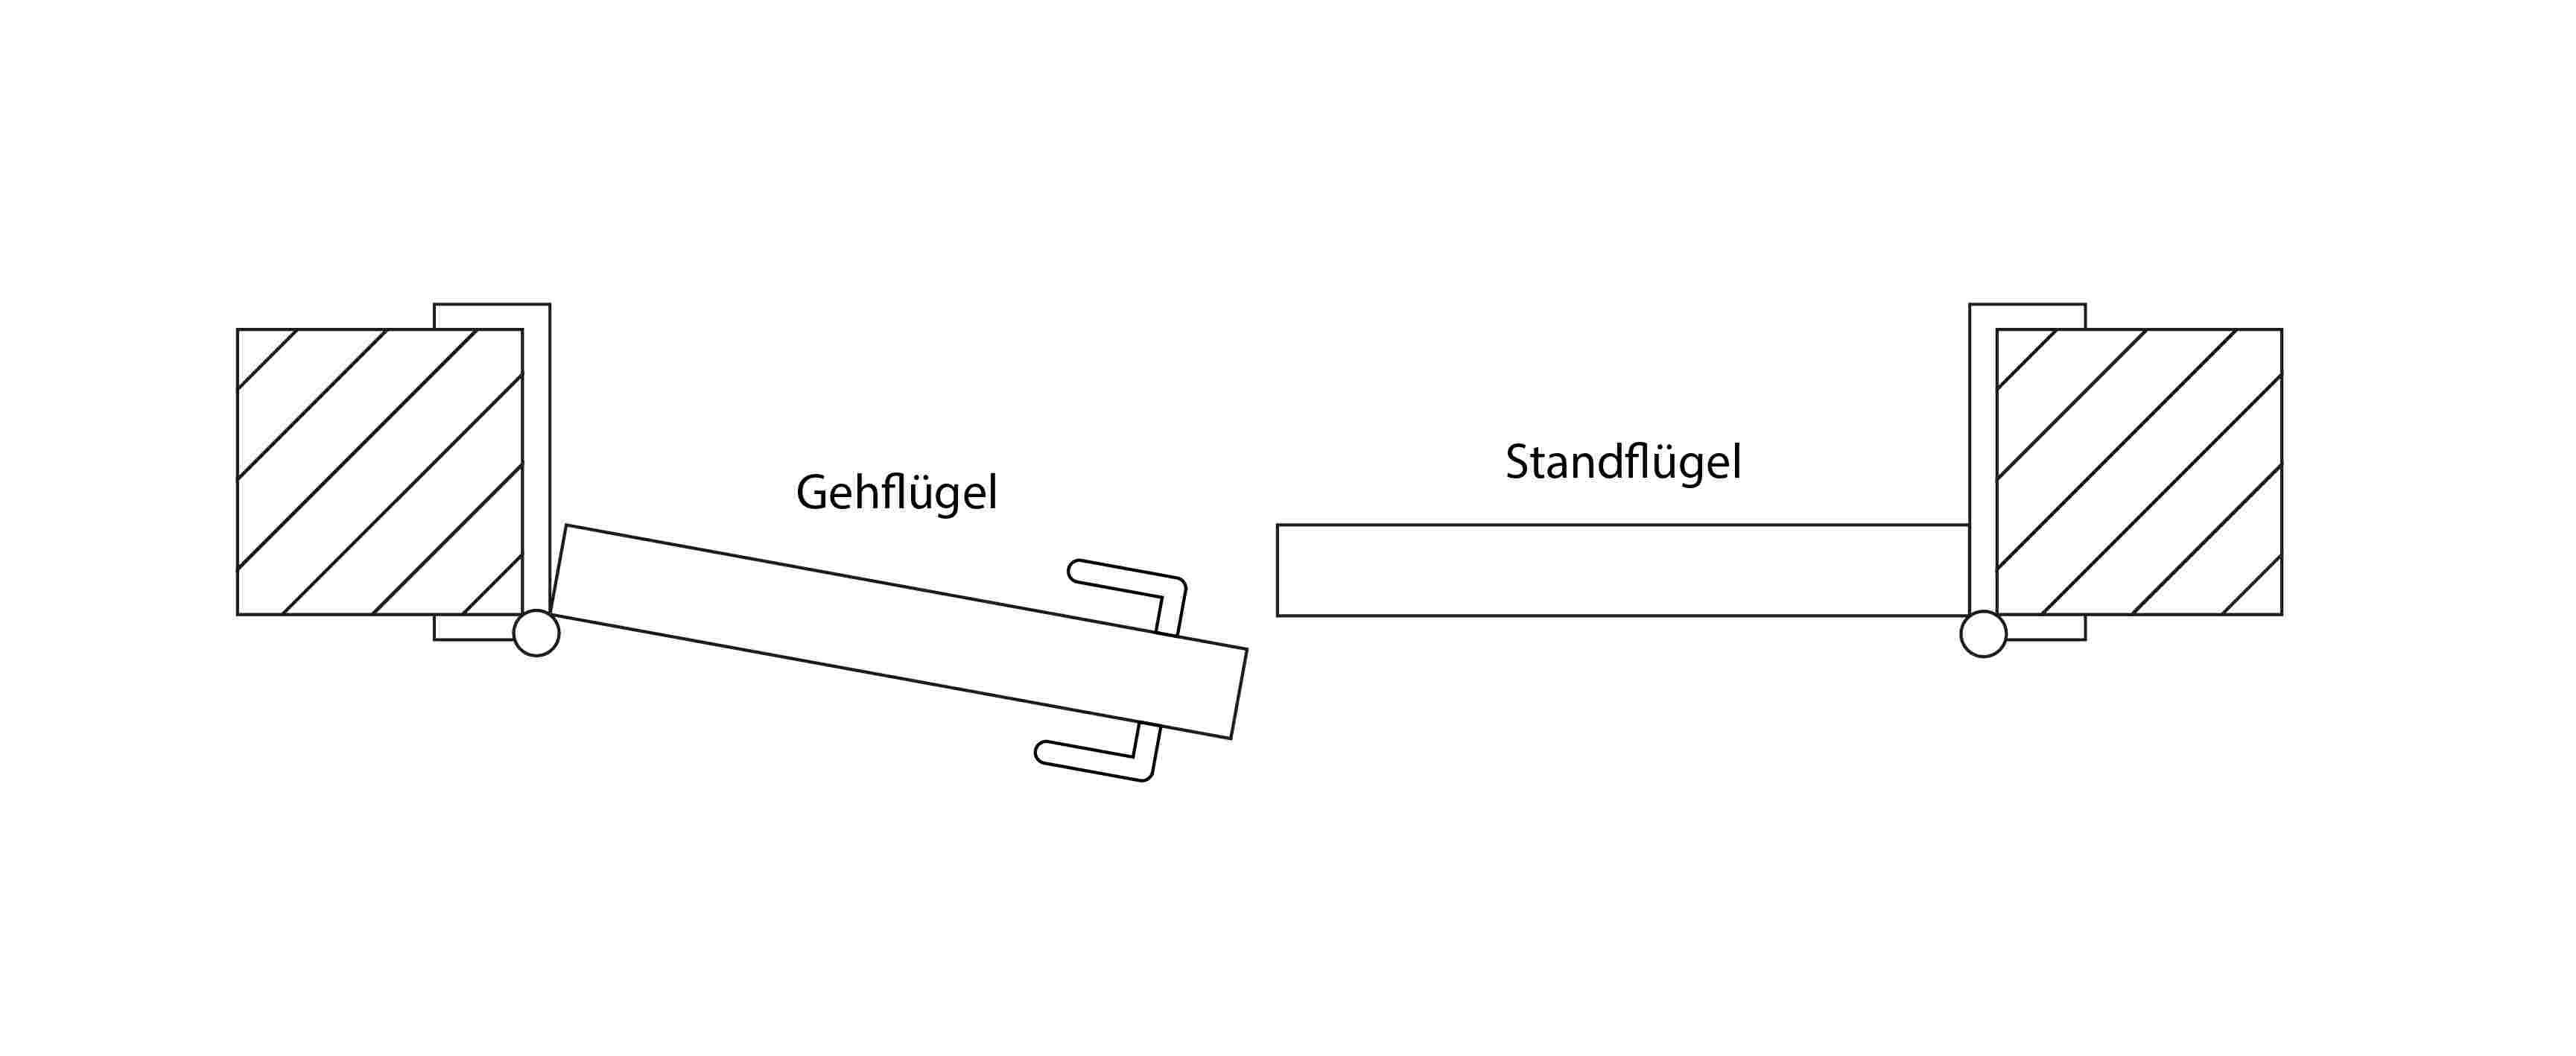 Unterschied Gehflügel und Standflügel